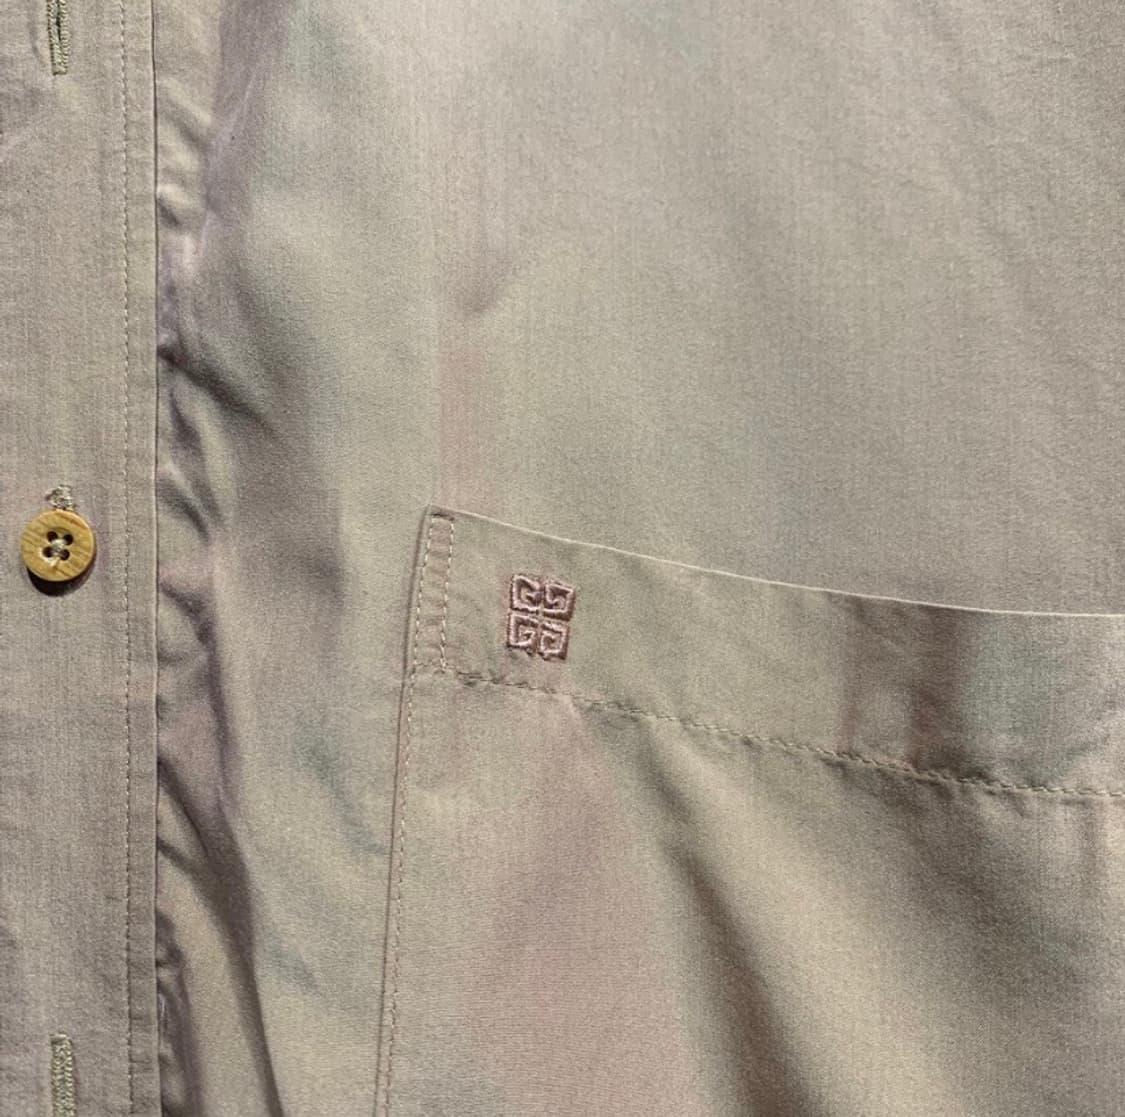 지방시 아카이브 셔츠